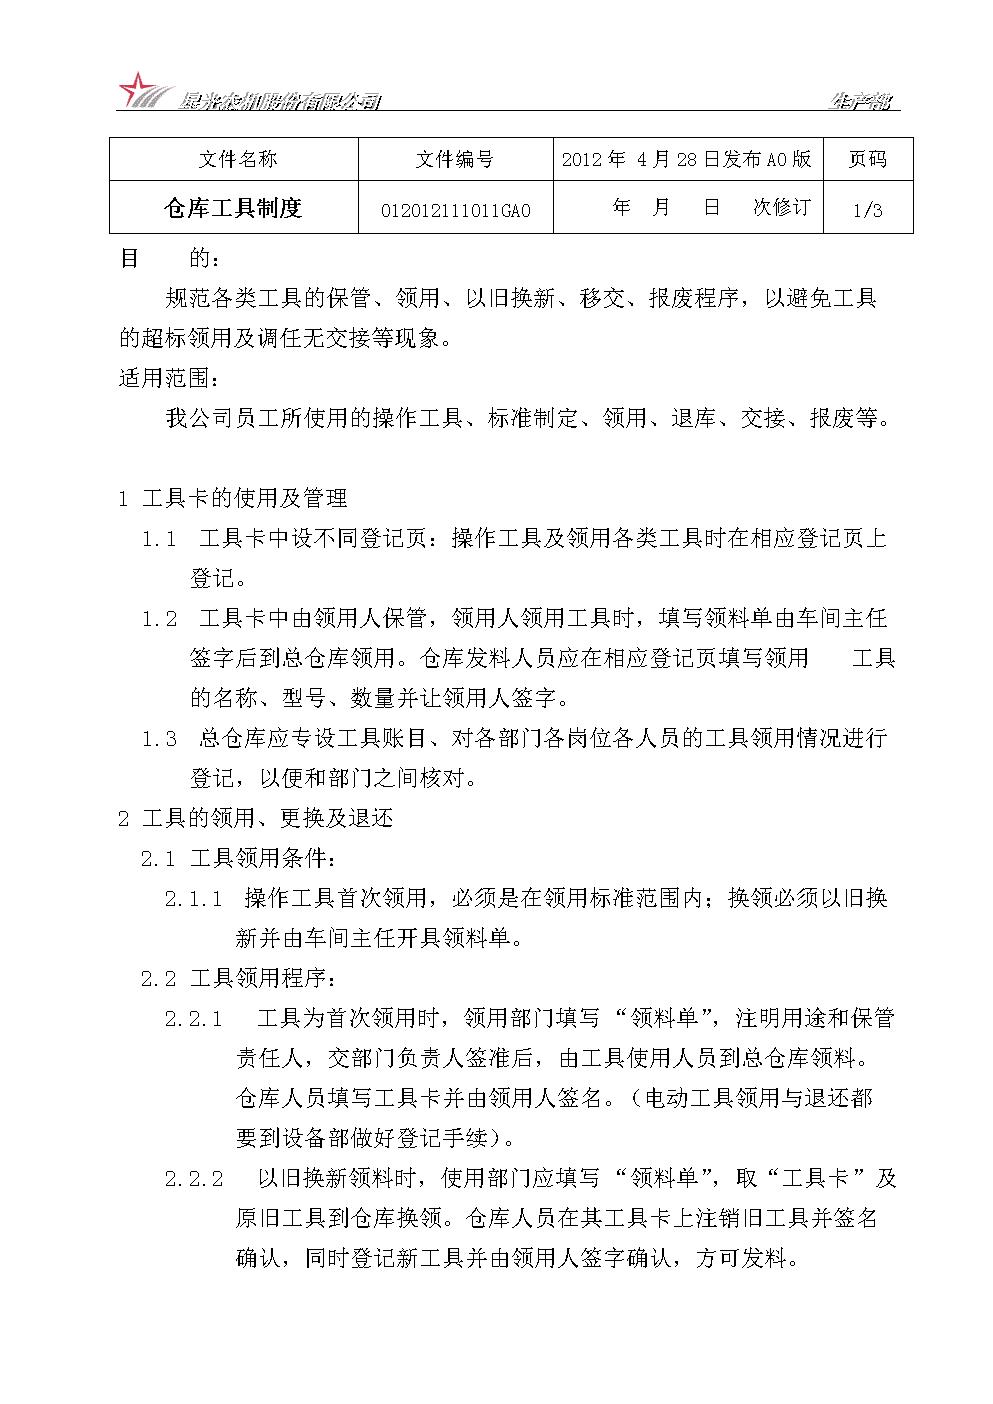 b倉庫工具制度.doc